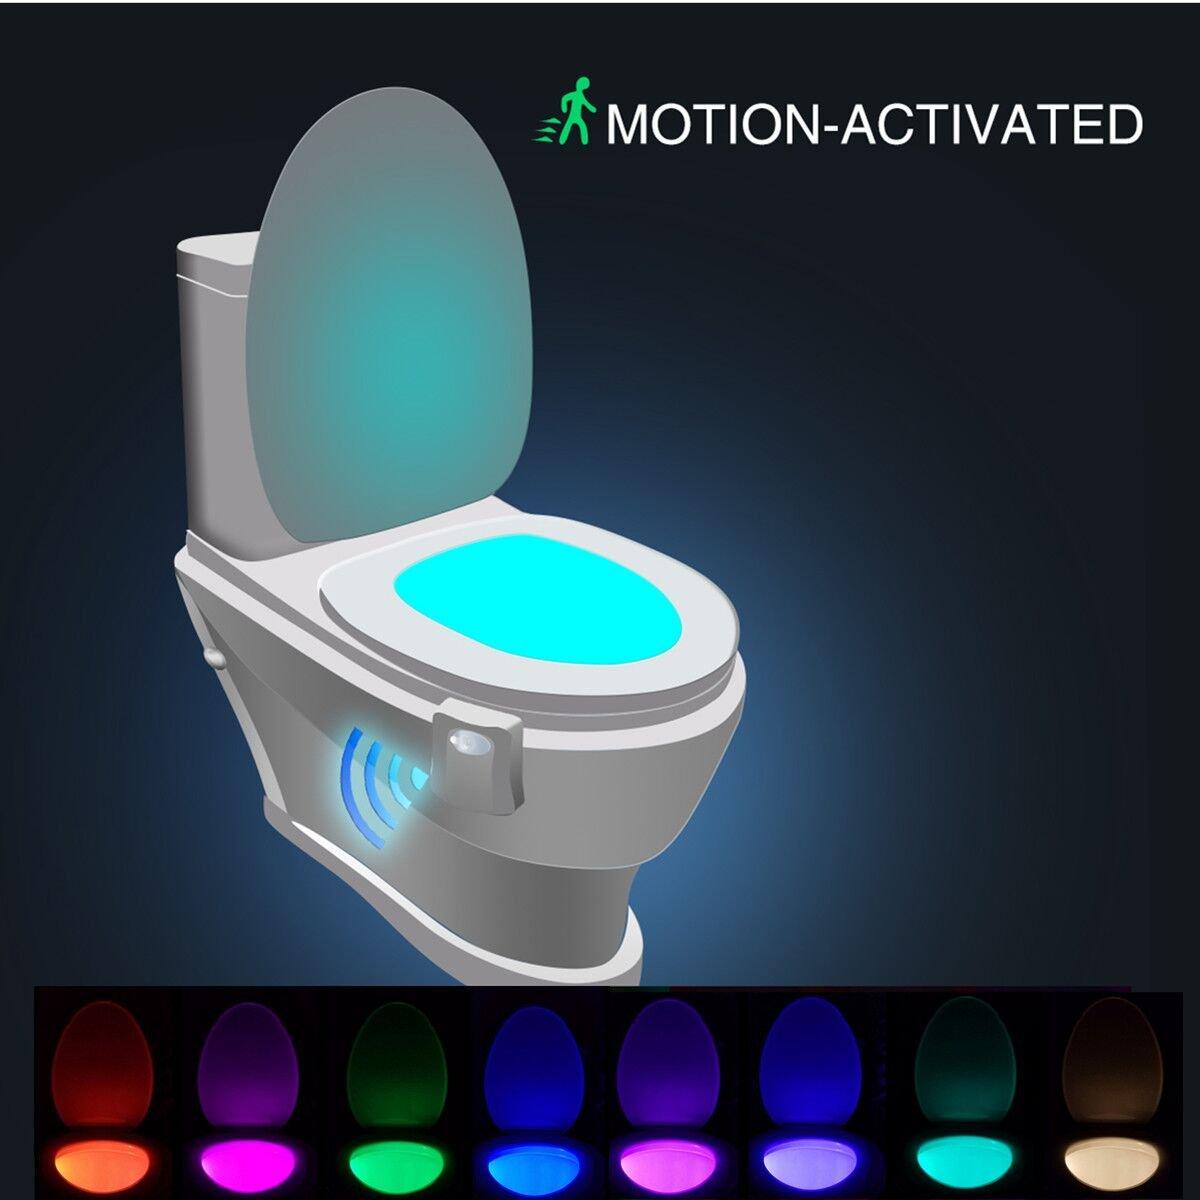 Luz de WC, SOLMORE LED luz led para el Inodoro WC con sensor Movimiento luz suave y sensor sensible Ideal para cuartos de baño con niños: Amazon.es: ...